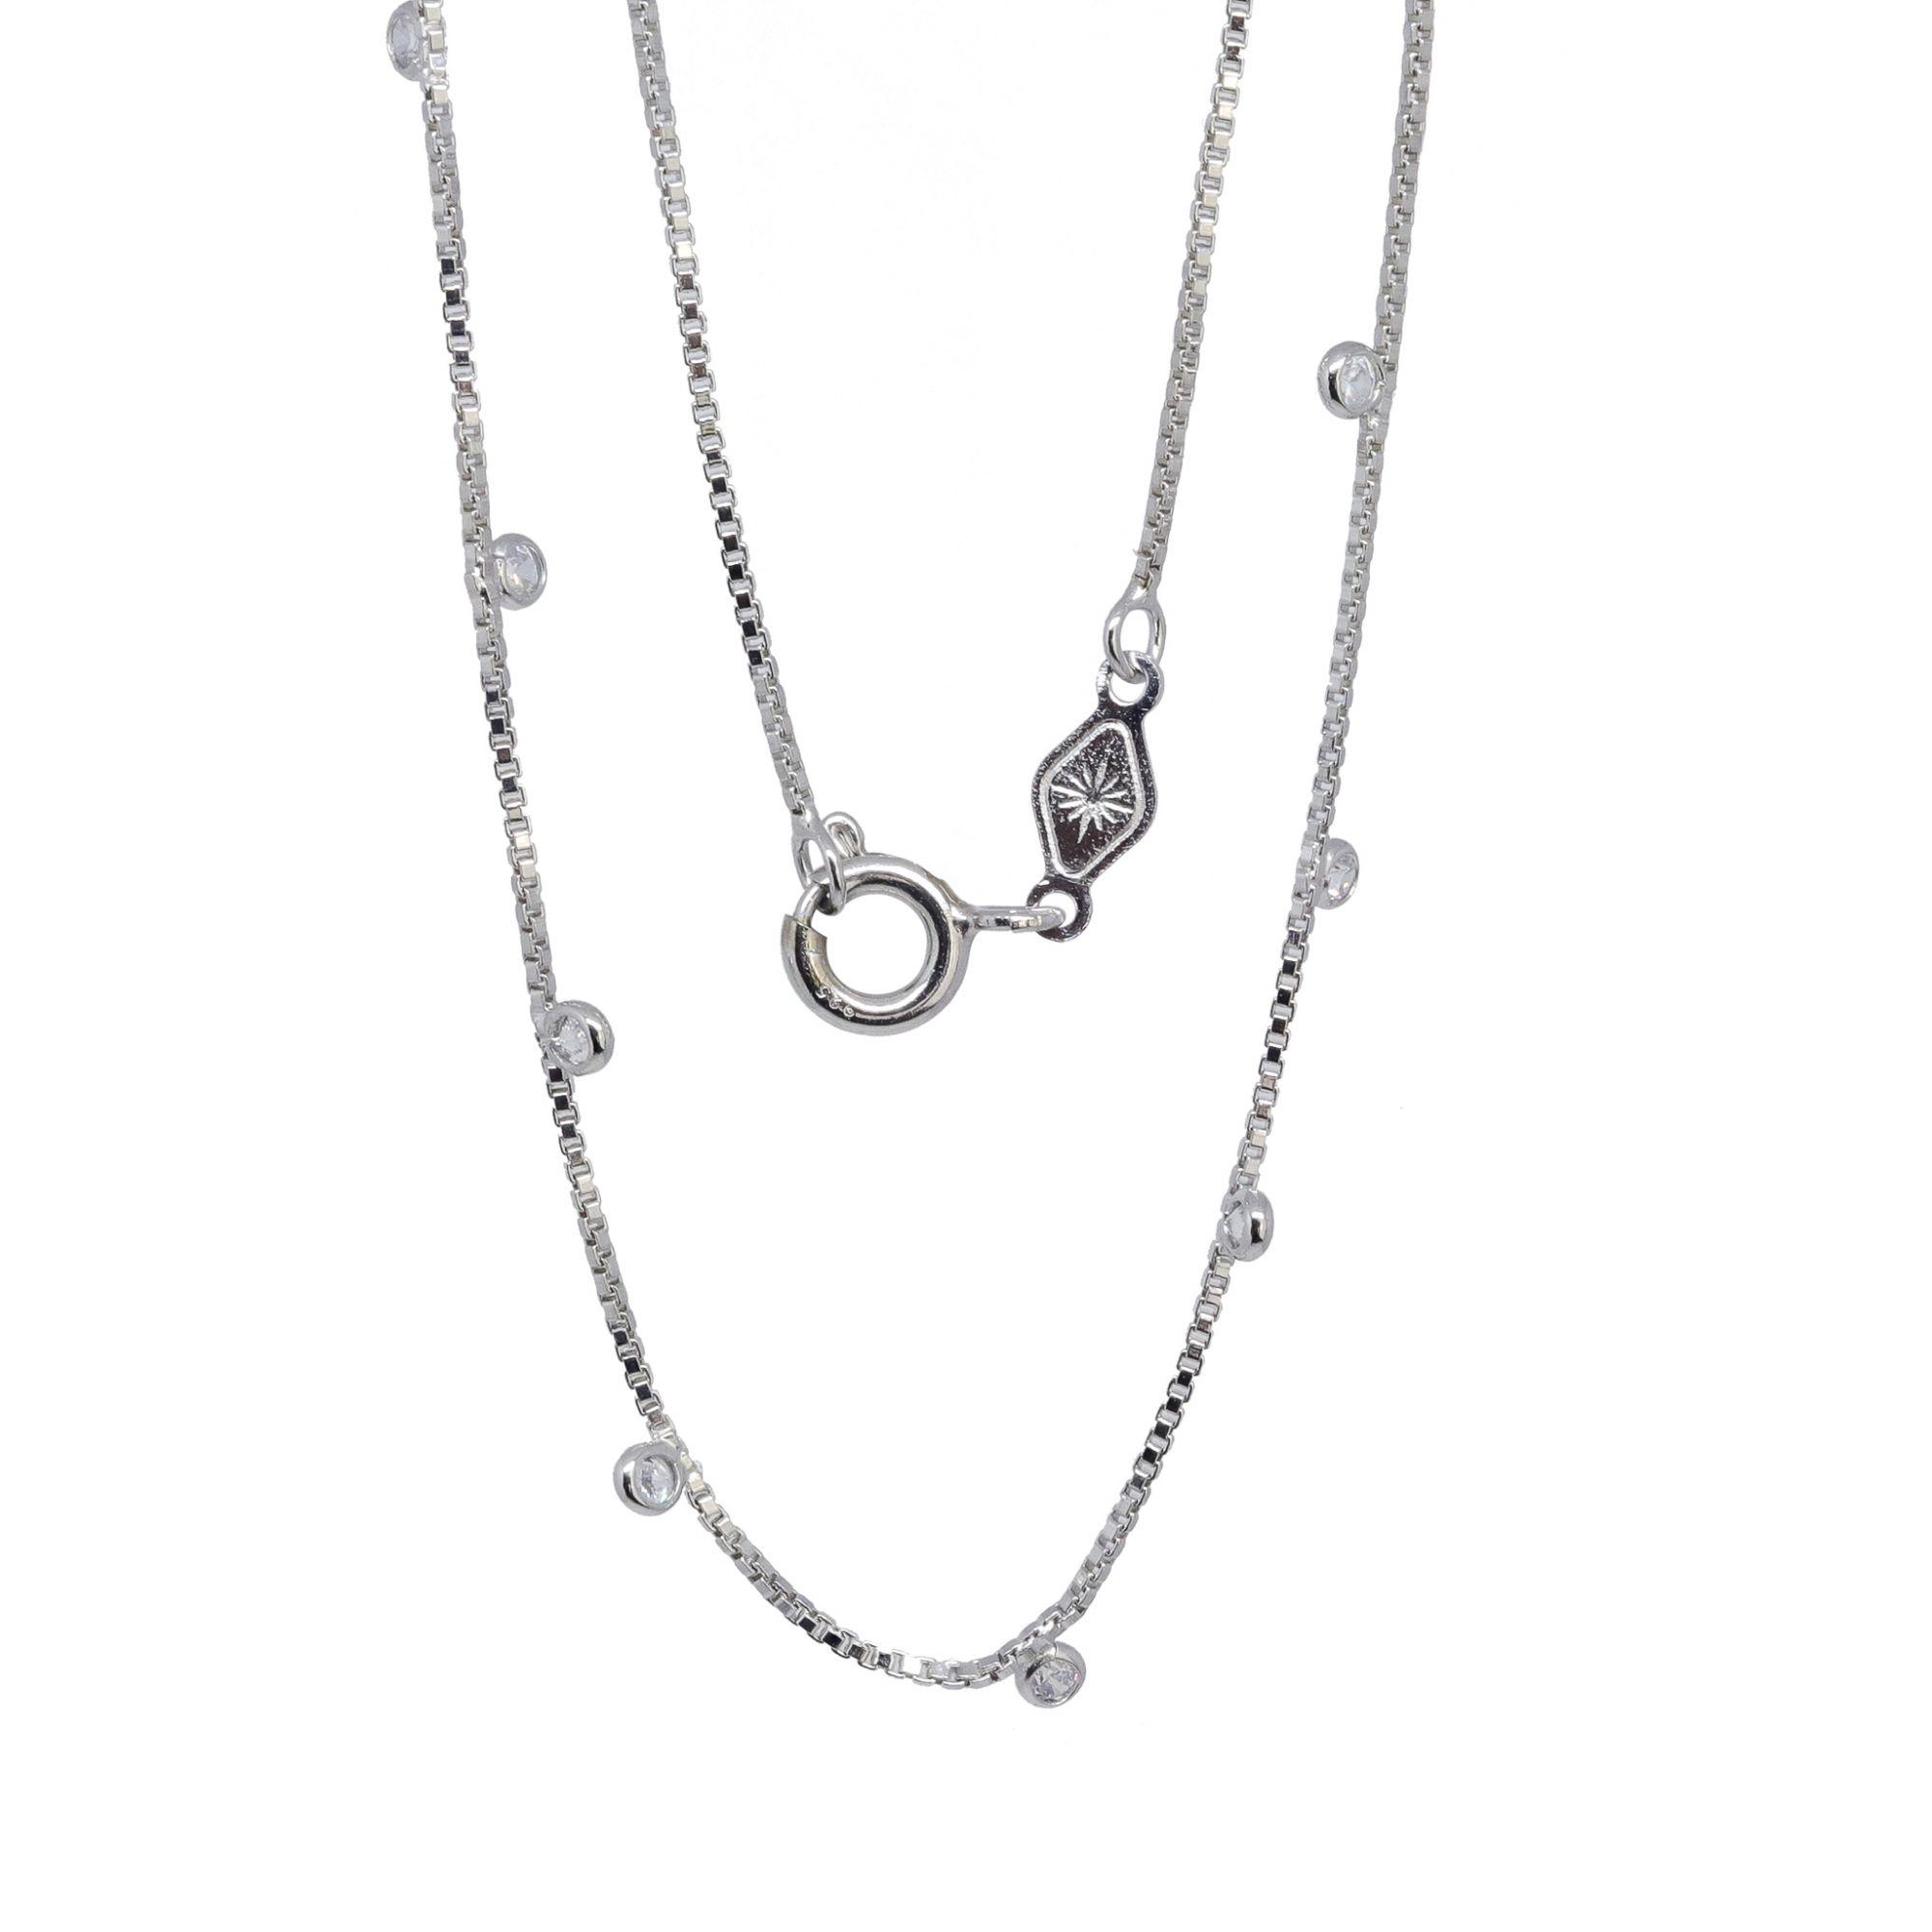 Corrente prata 925  folheado rodio dambete com zirconias